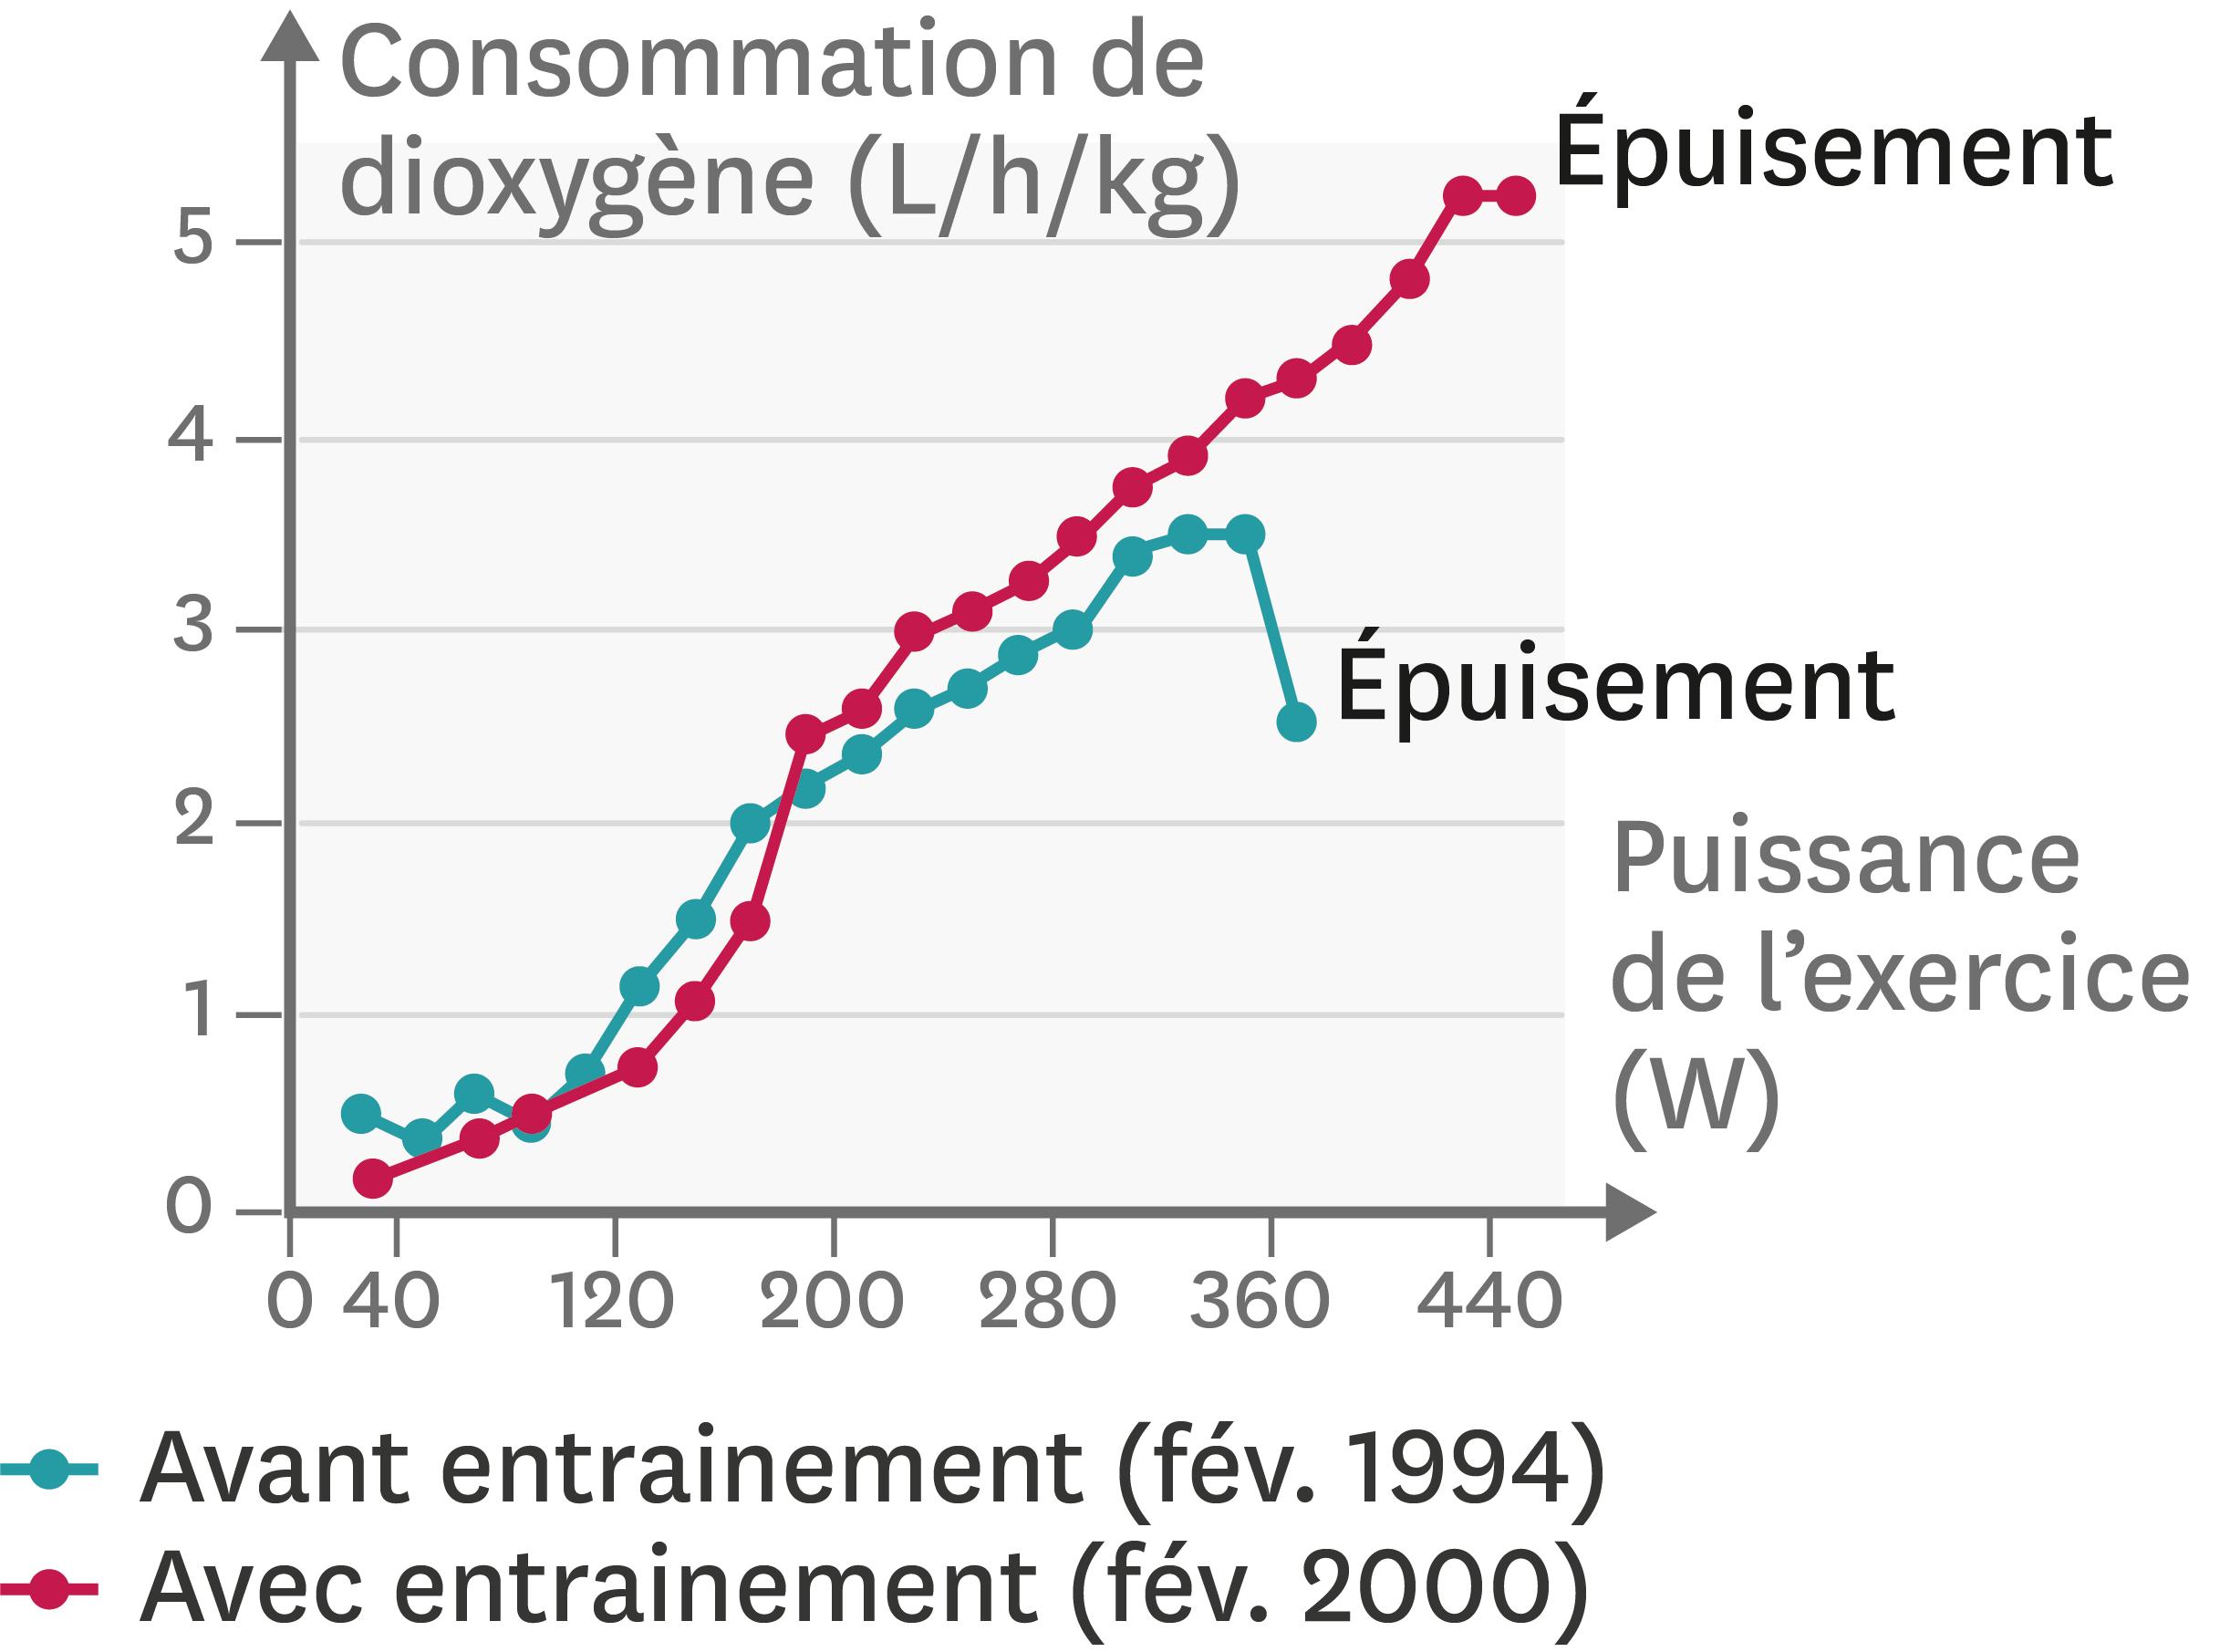 <stamp theme='svt-green1'>Doc. 4</stamp> L'effet de six années d'entrainement sur la consommation de dioxygène d'un individu.